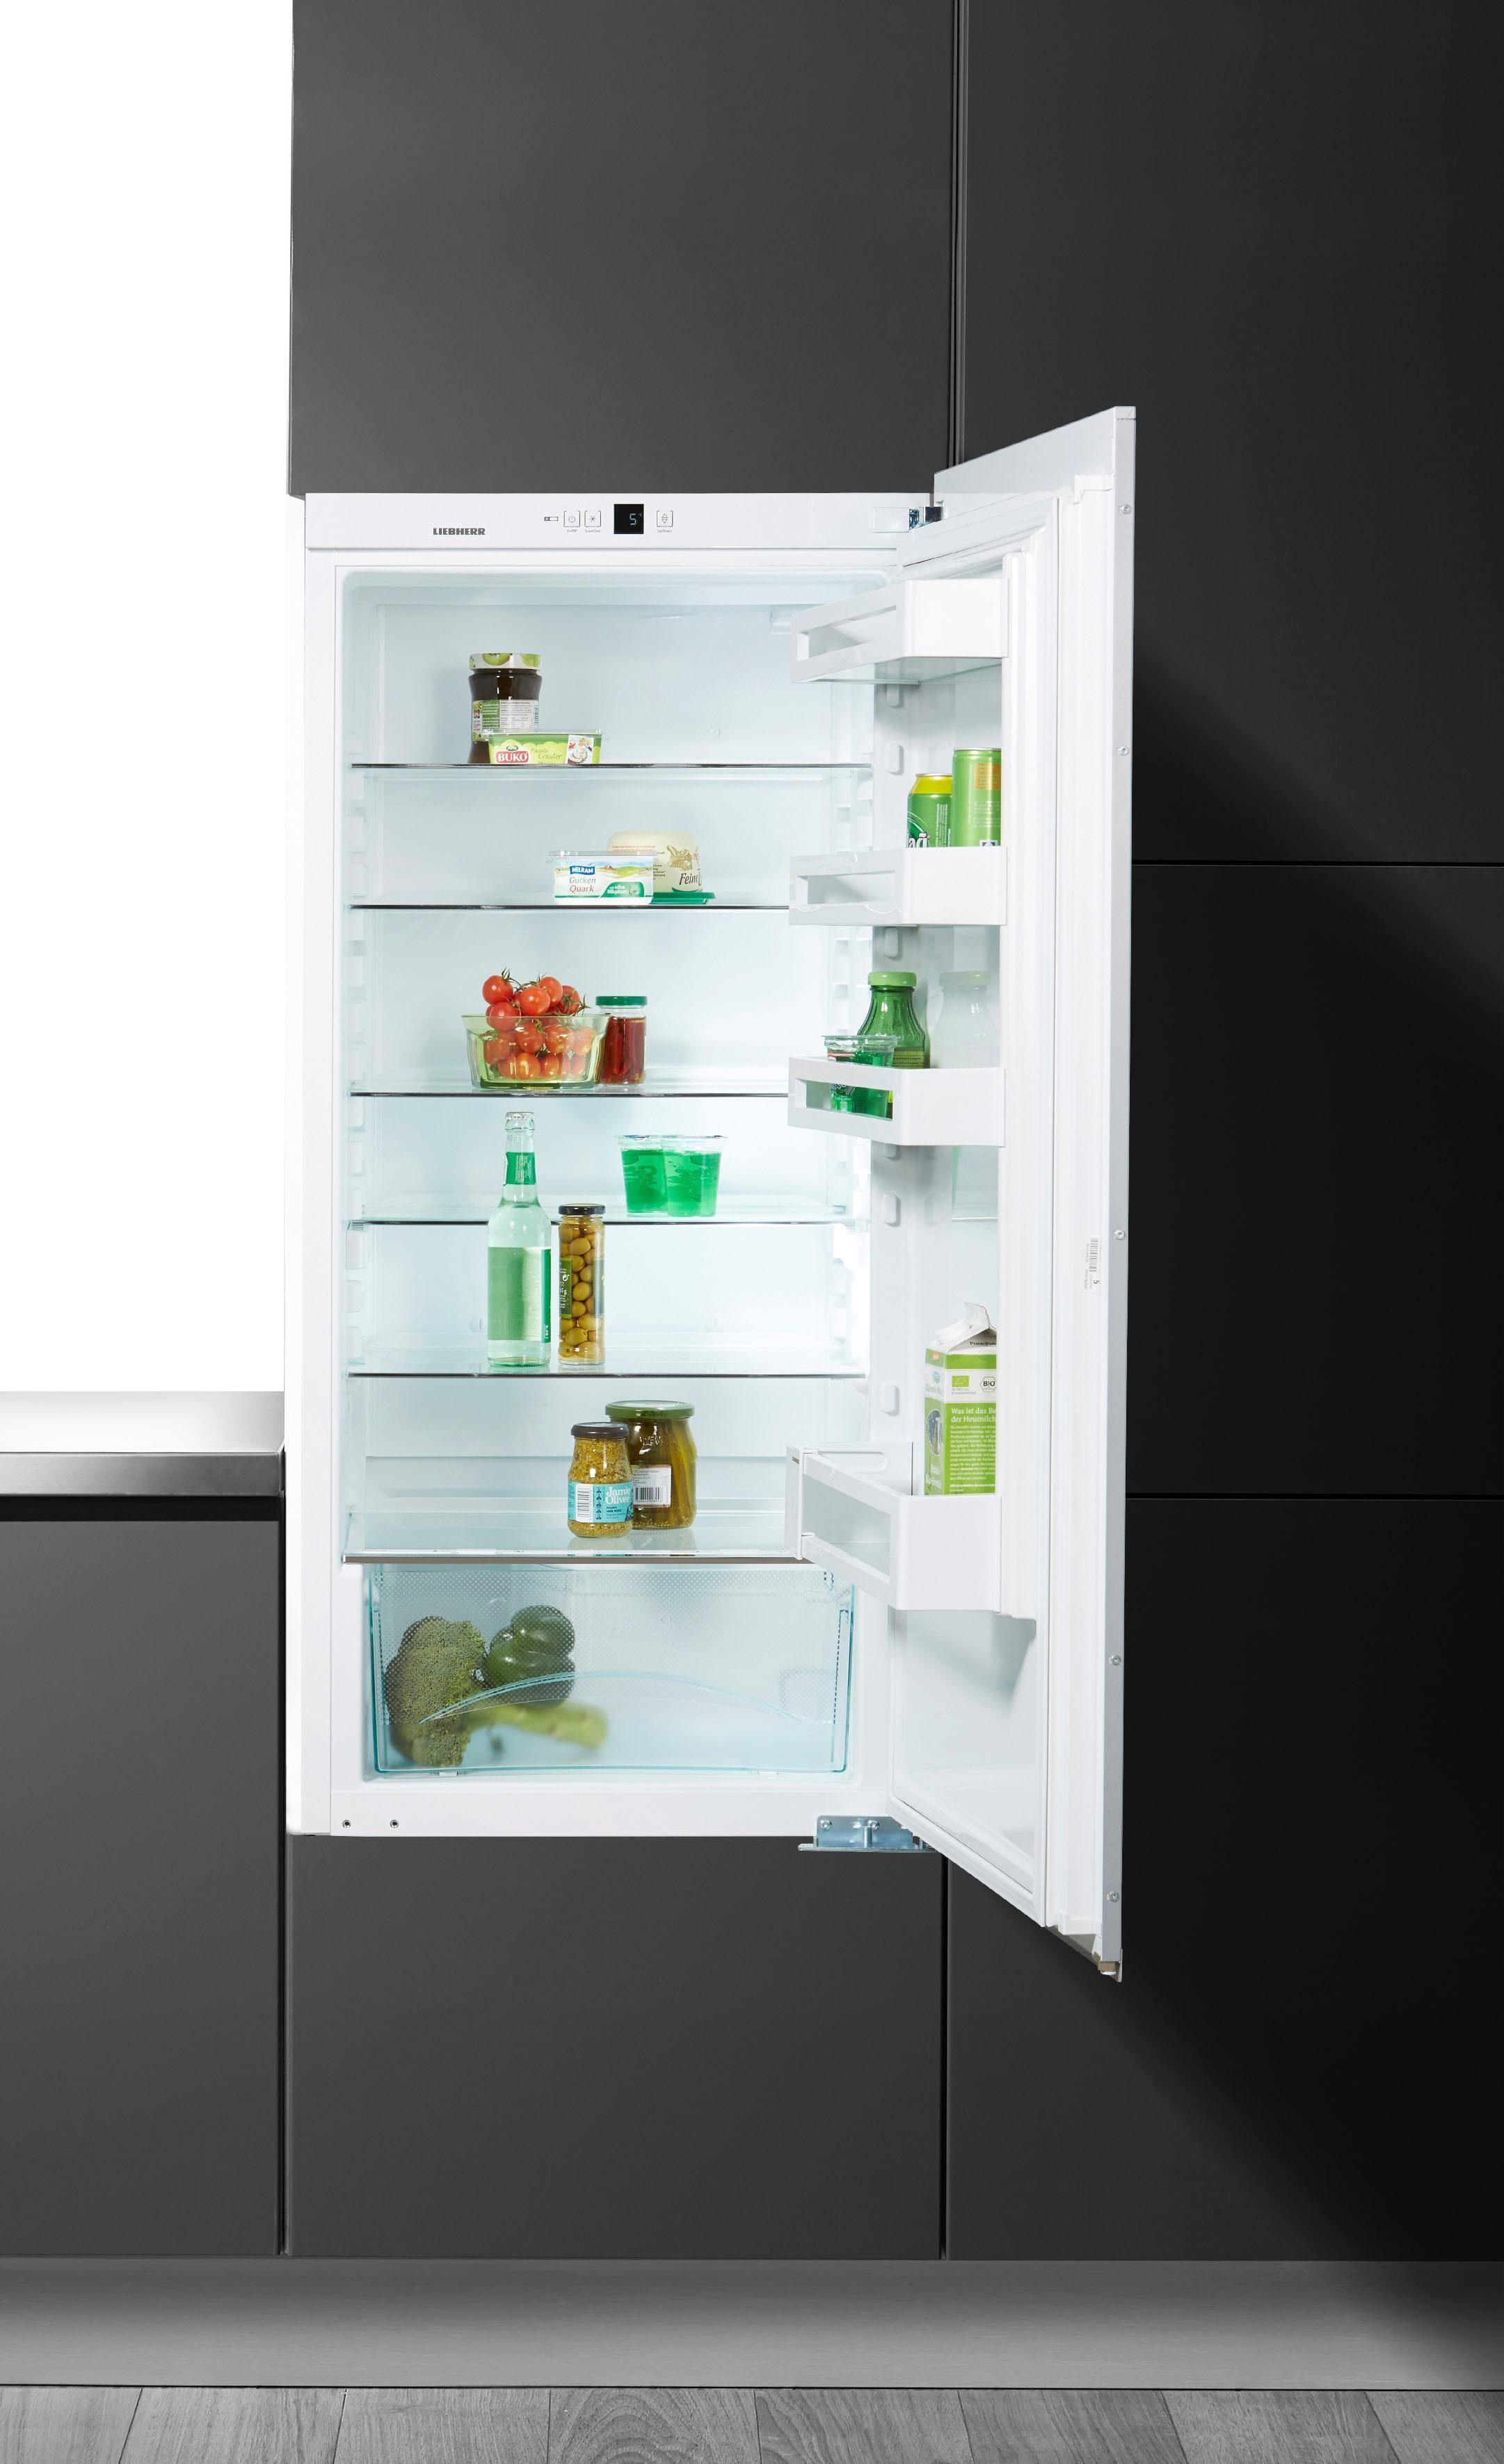 Liebherr Einbaukühlschrank EK 2320, 121,8 cm hoch, 55,9 cm breit, Energieklasse A++, 122 cm hoch, dekorfähig